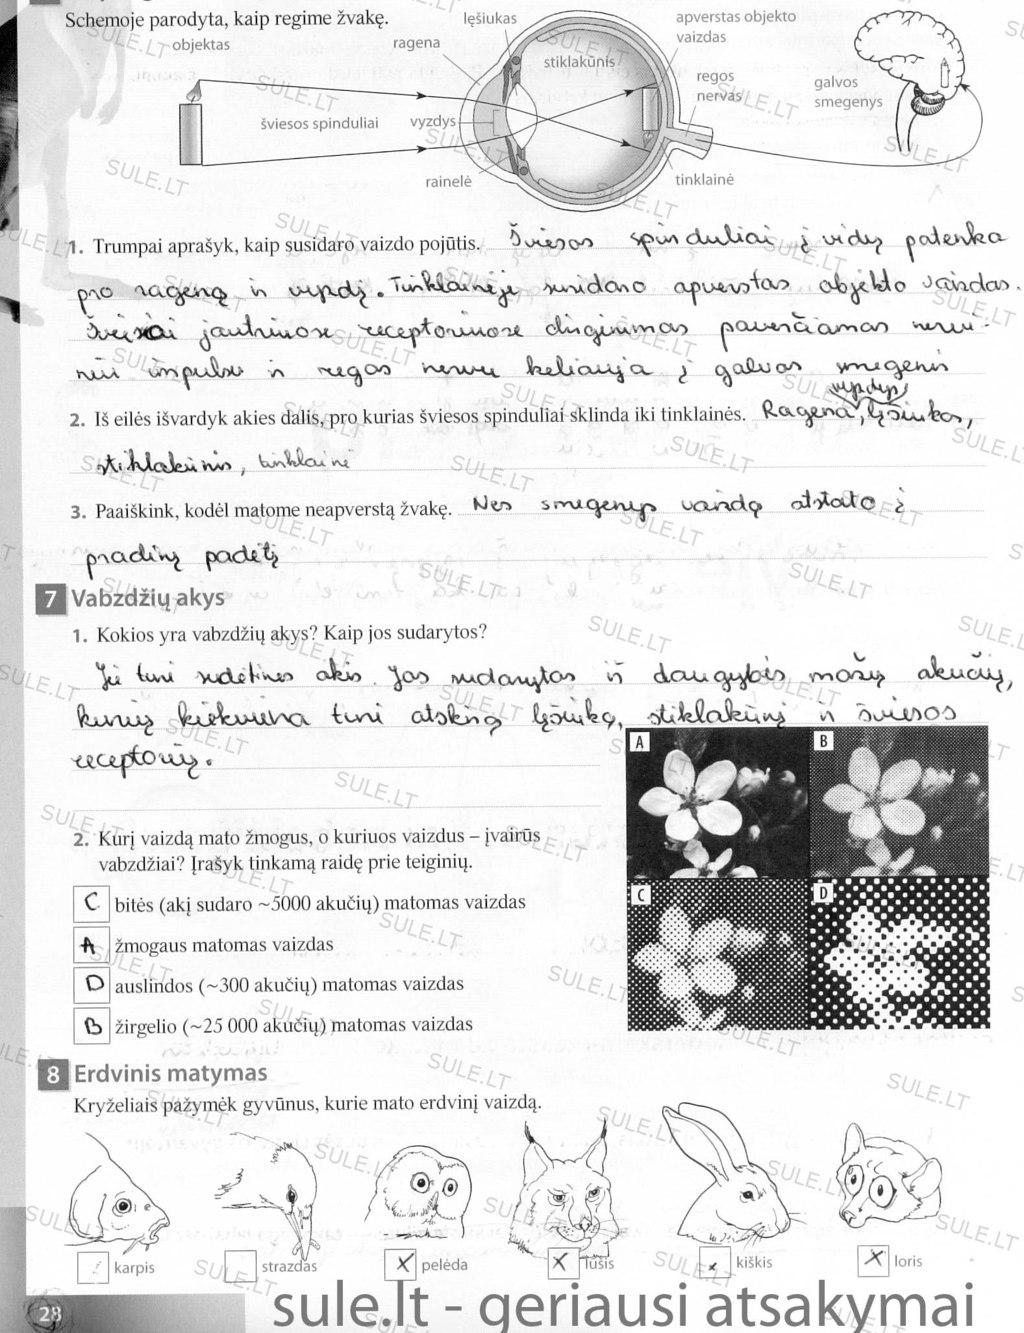 Peržiūrėti puslapį 29